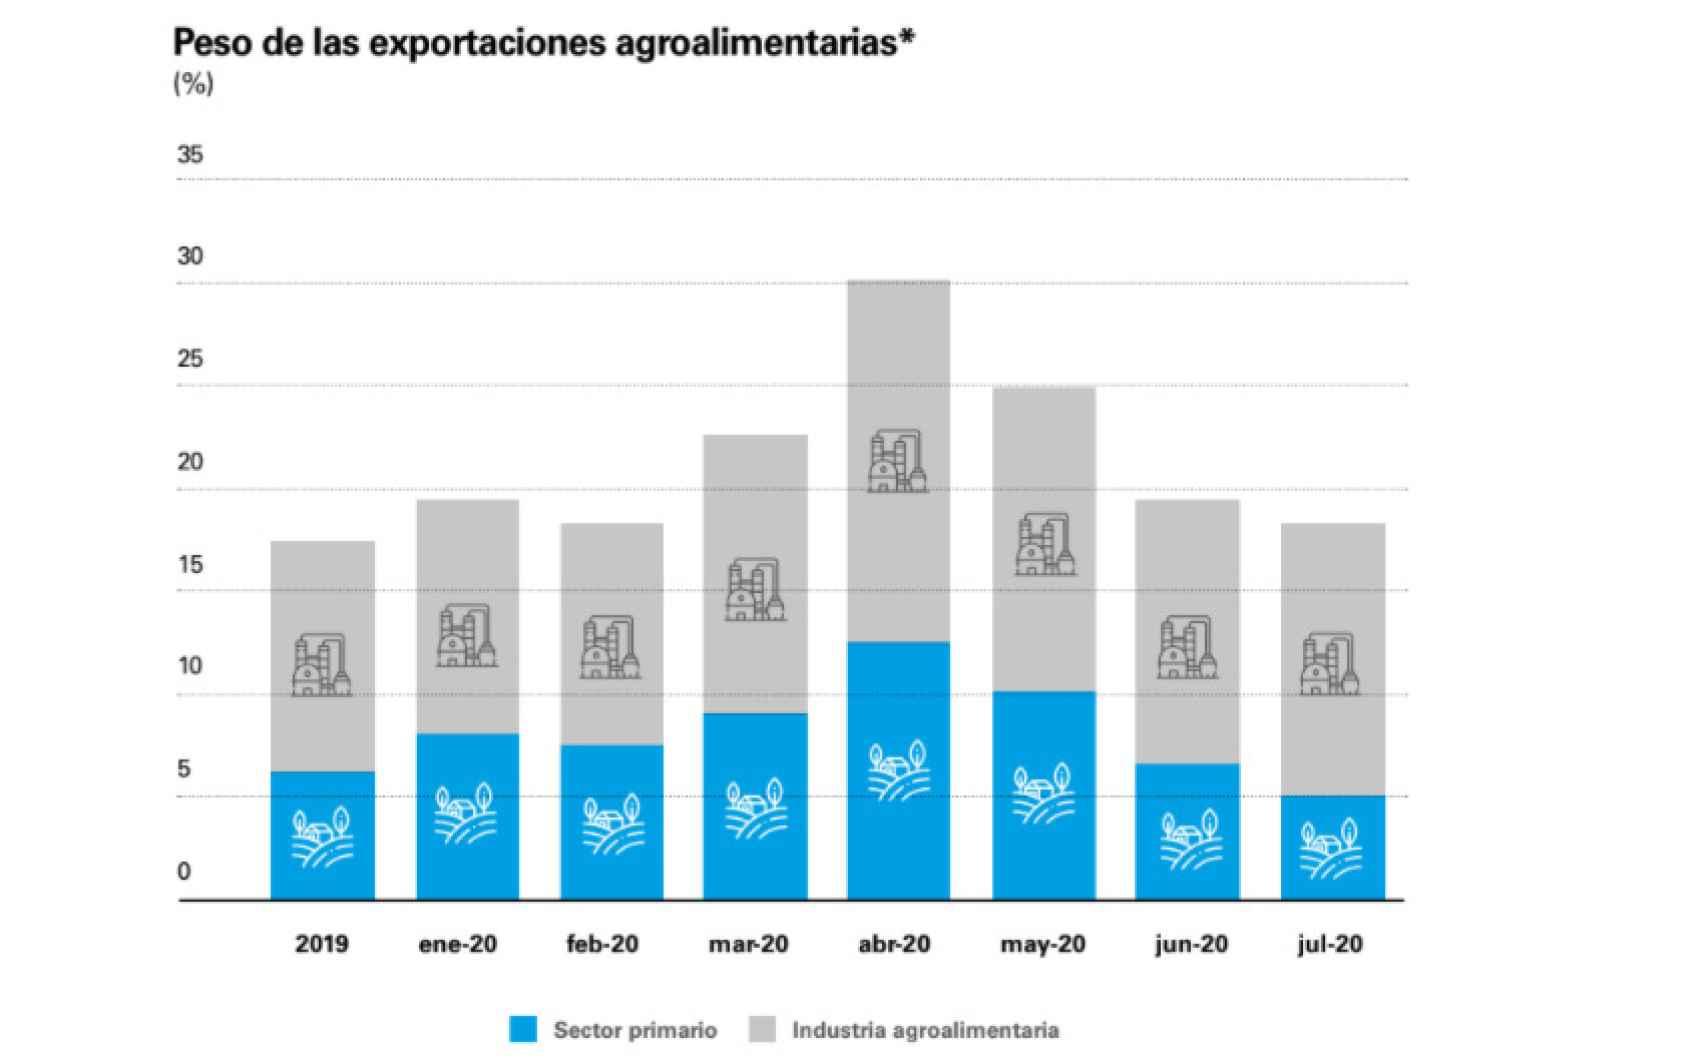 (*) En porcentaje del total de exportaciones de bienes. Fuente: CaixaBank Research, a partir de datos de DataComex.